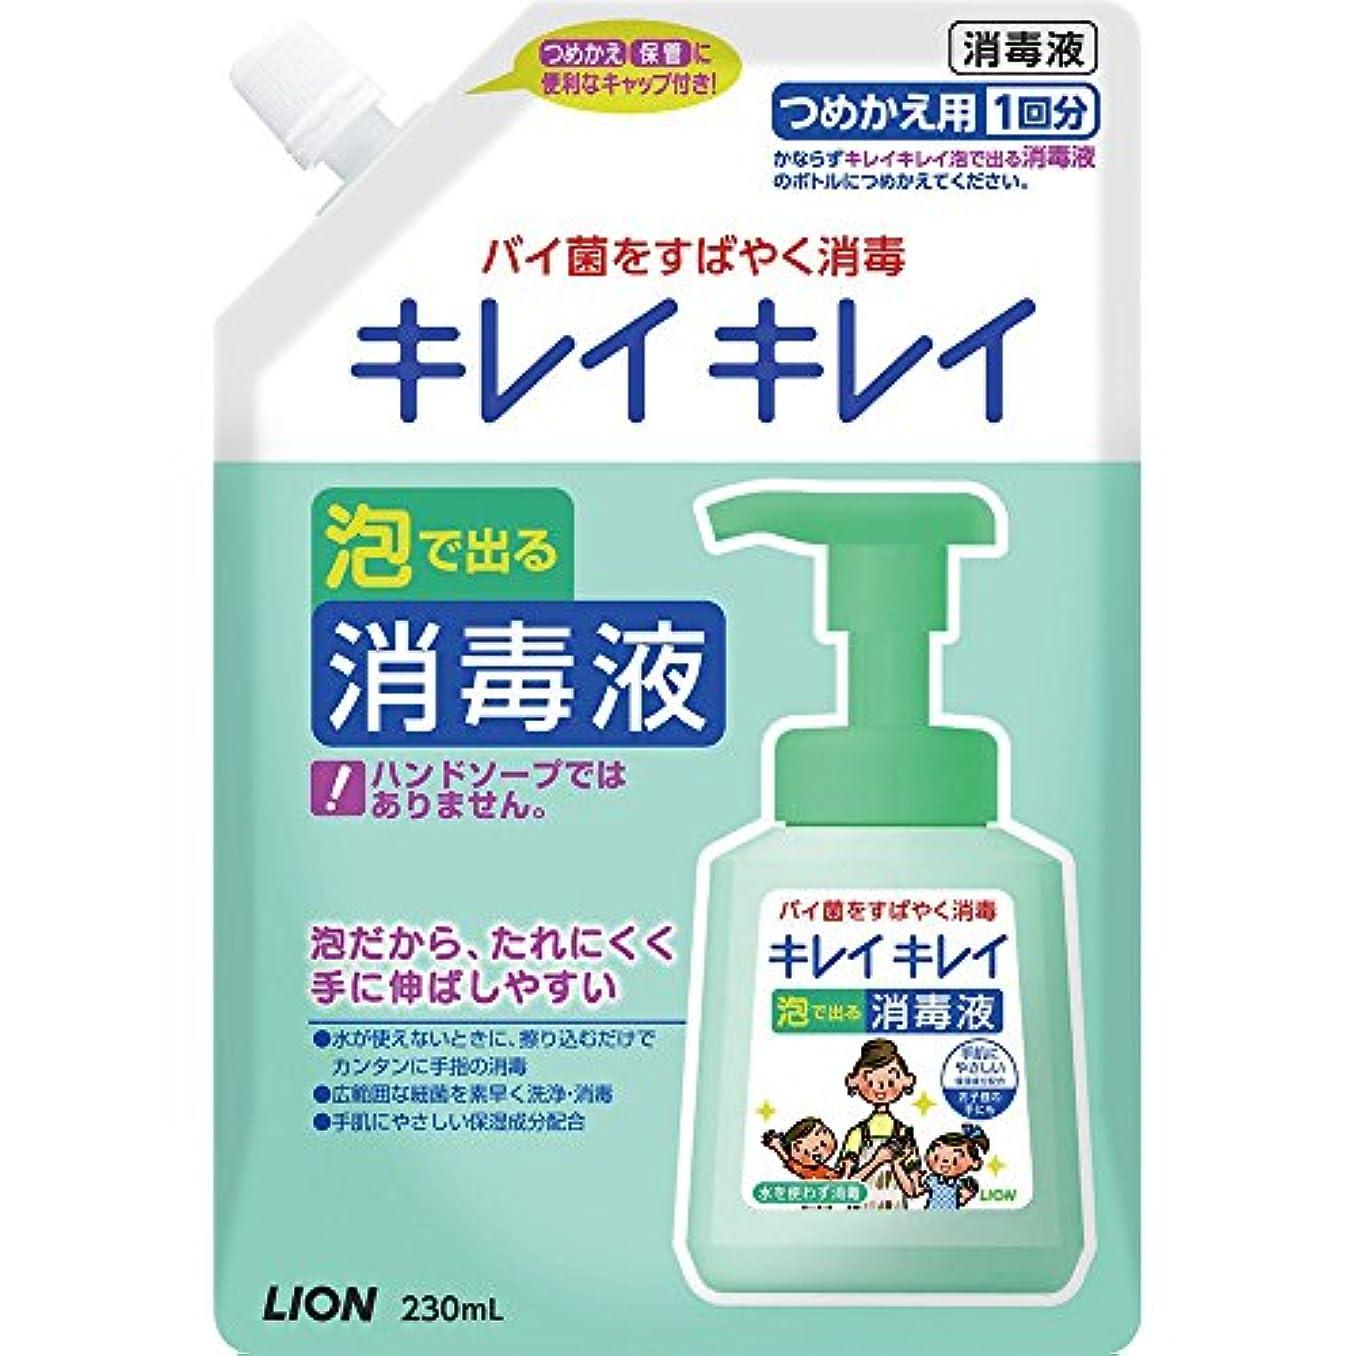 振る暗くするにおいキレイキレイ 薬 泡ででる消毒液 詰替 230ml (指定医薬部外品)